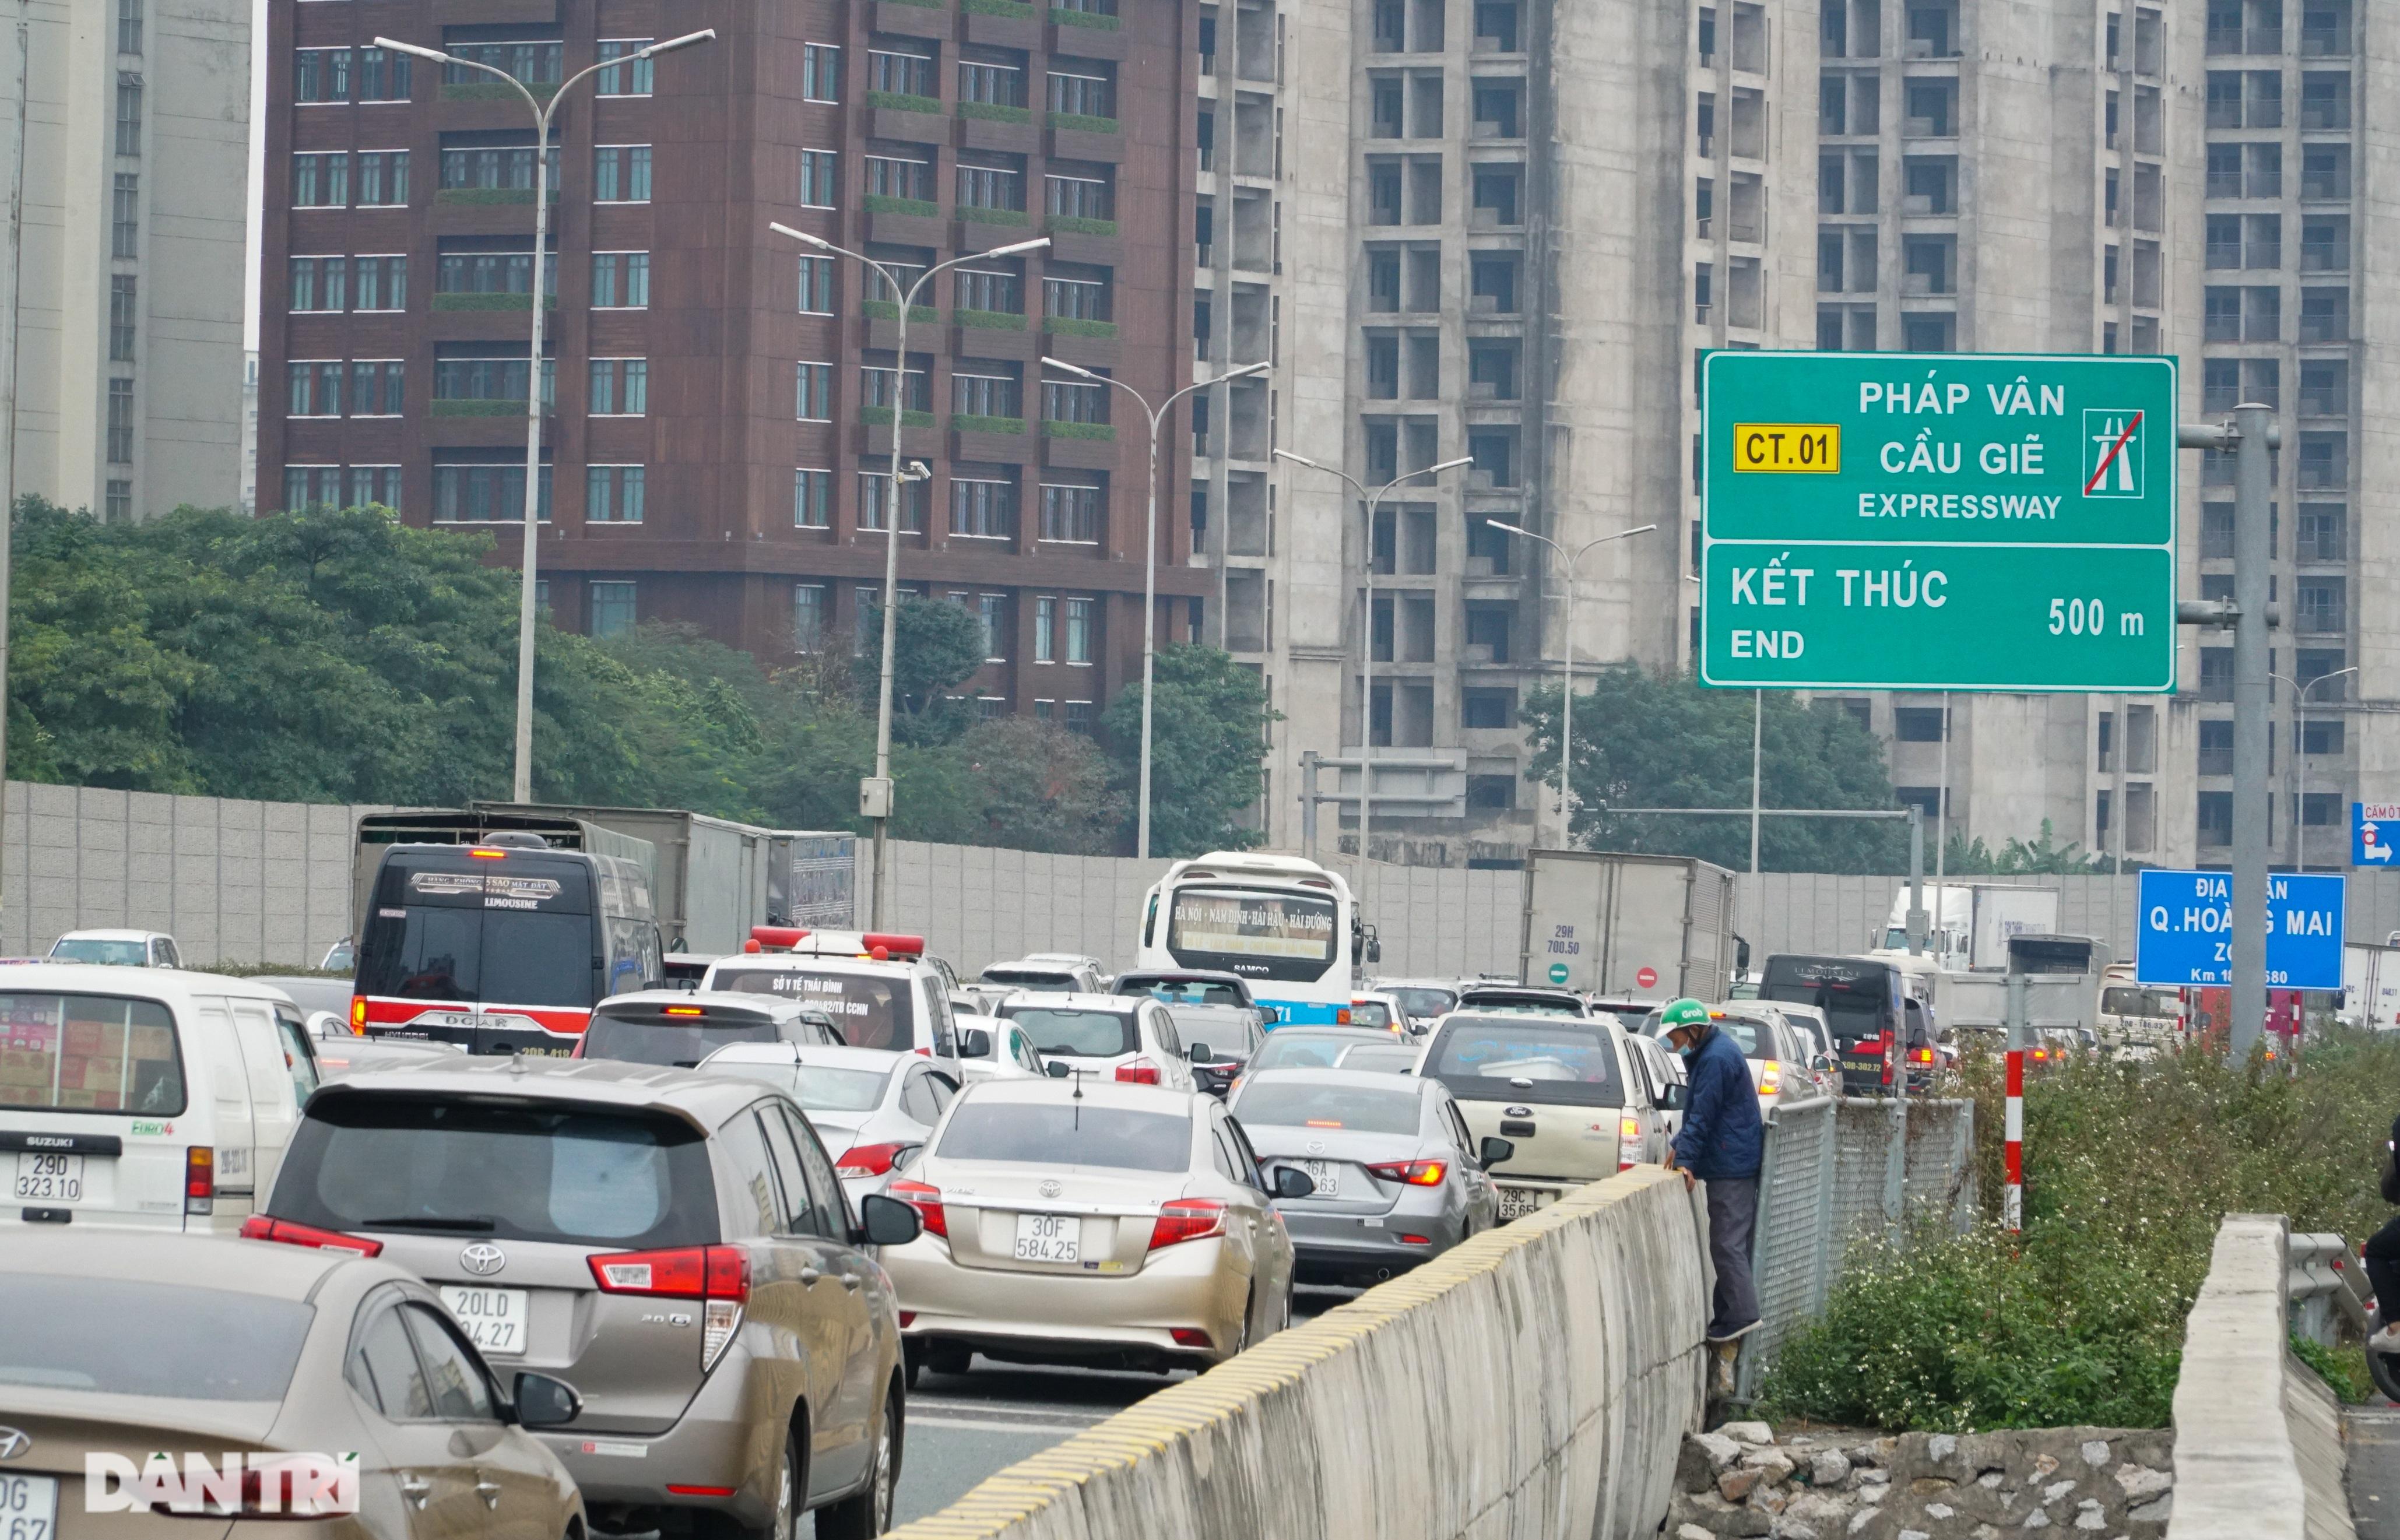 Ngày cuối nghỉ lễ, ùn tắc cục bộ hơn 5km trên cao tốc Pháp Vân - Cầu Giẽ - 6